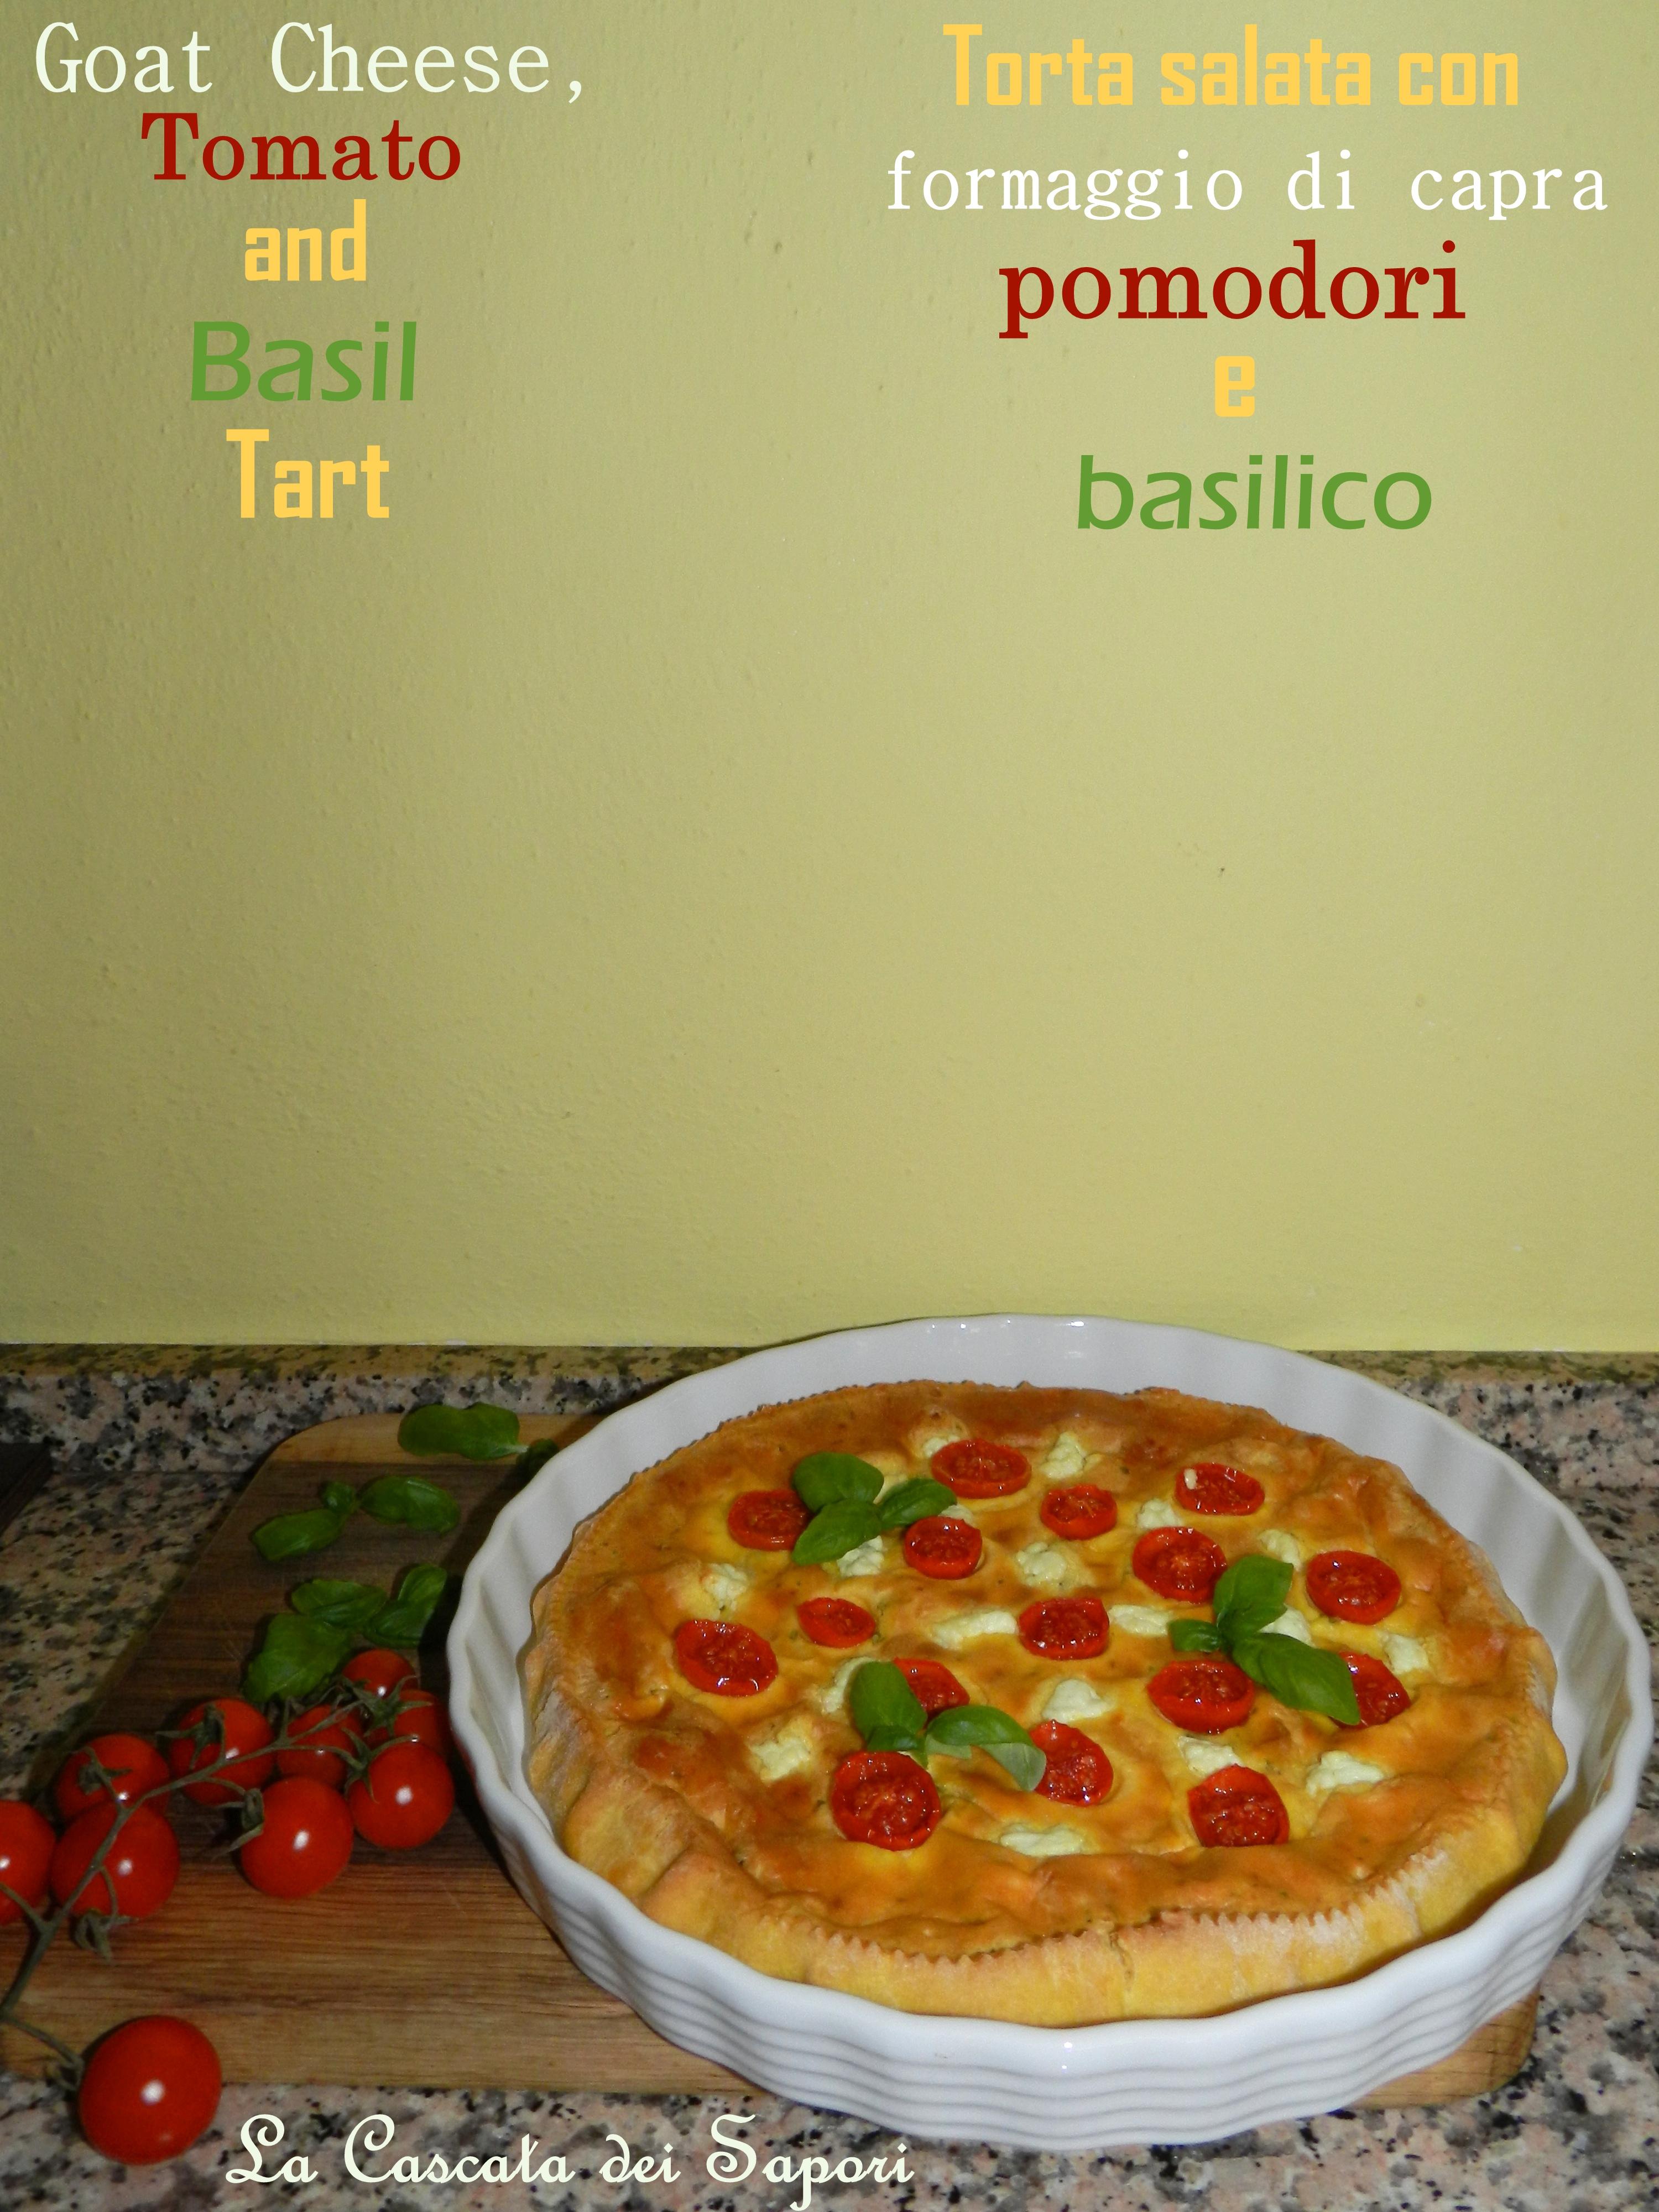 Torta salata con caprino, pomodori e basilico